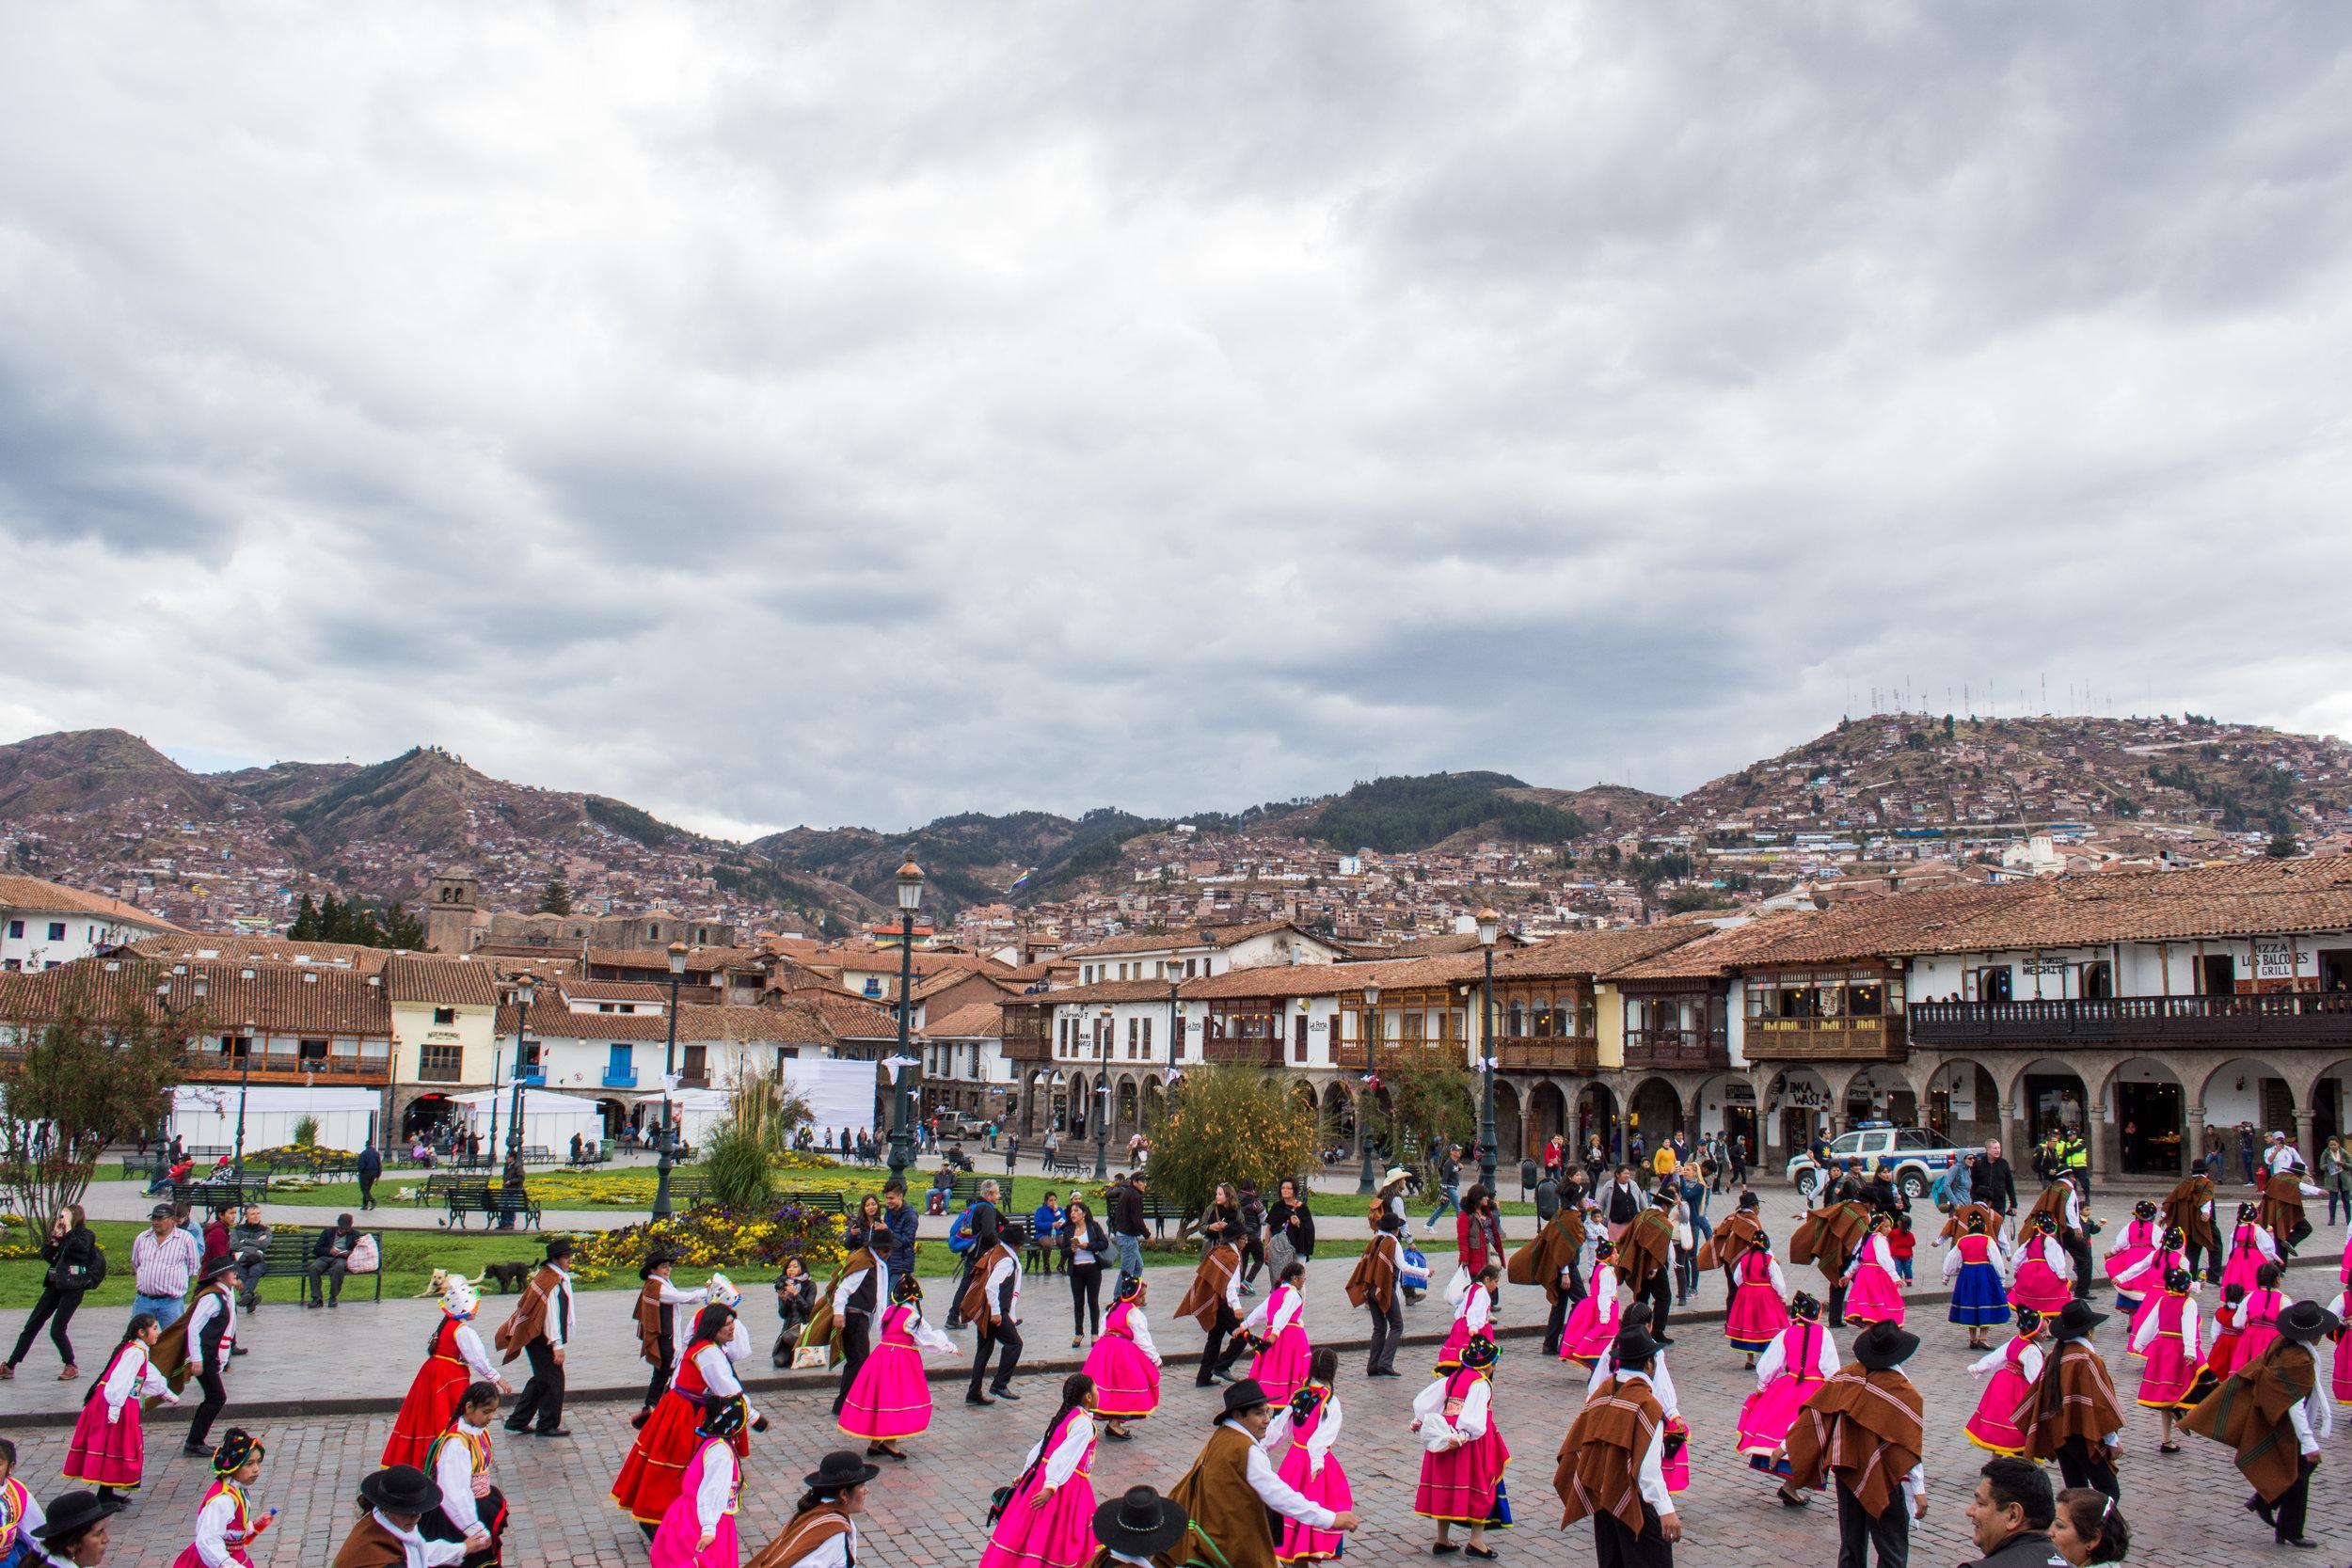 Catholic Festival in Cusco